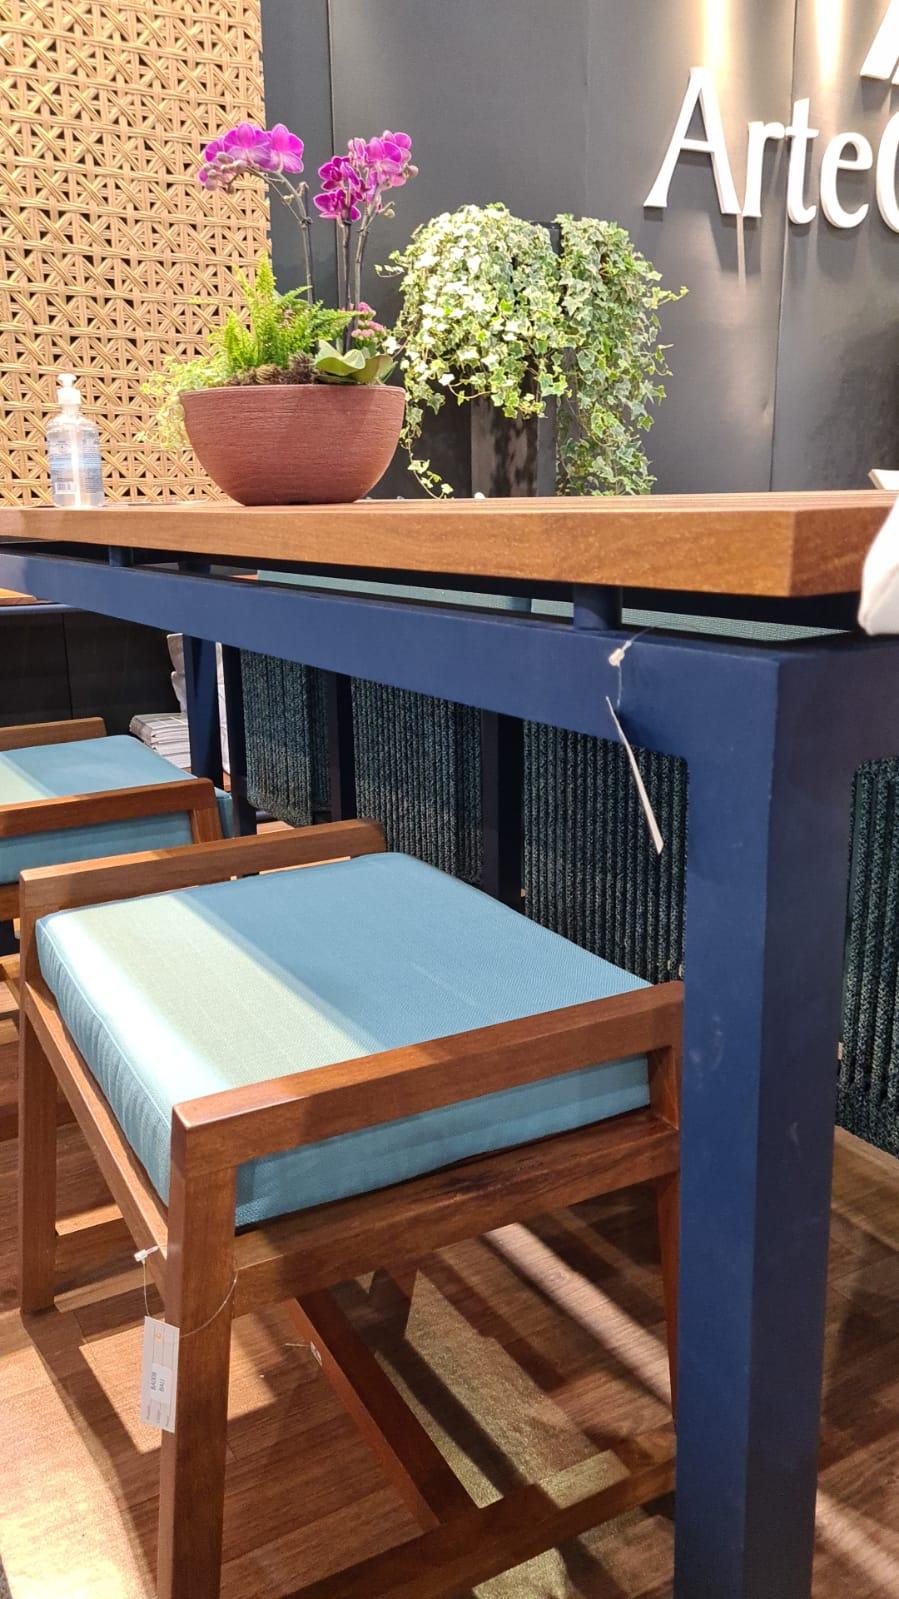 Móveis com acabamento em azul da Arte Objetos.